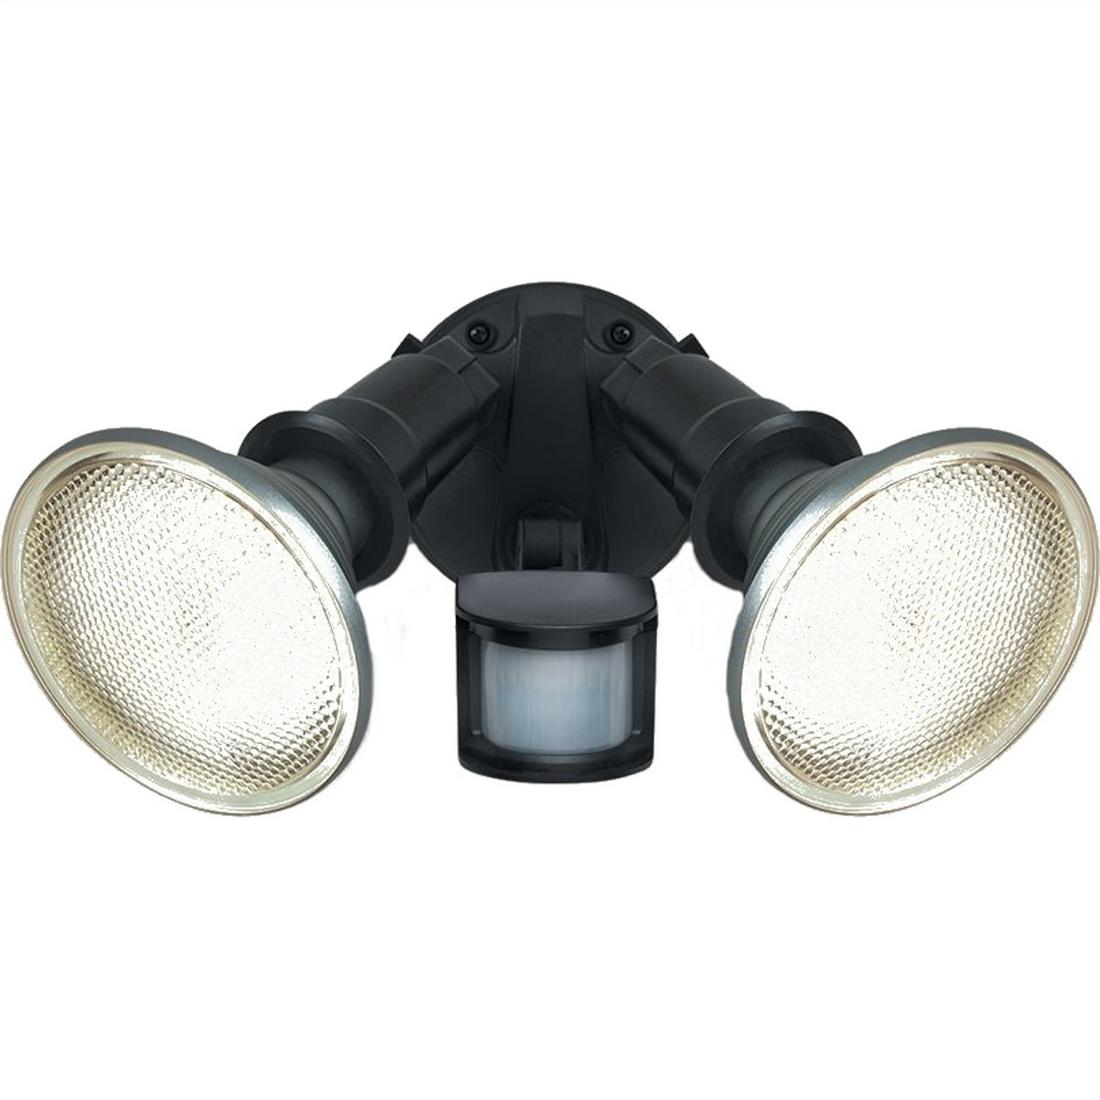 29W Twin LED with PIR Sensor IP44 Floodlight Warm White